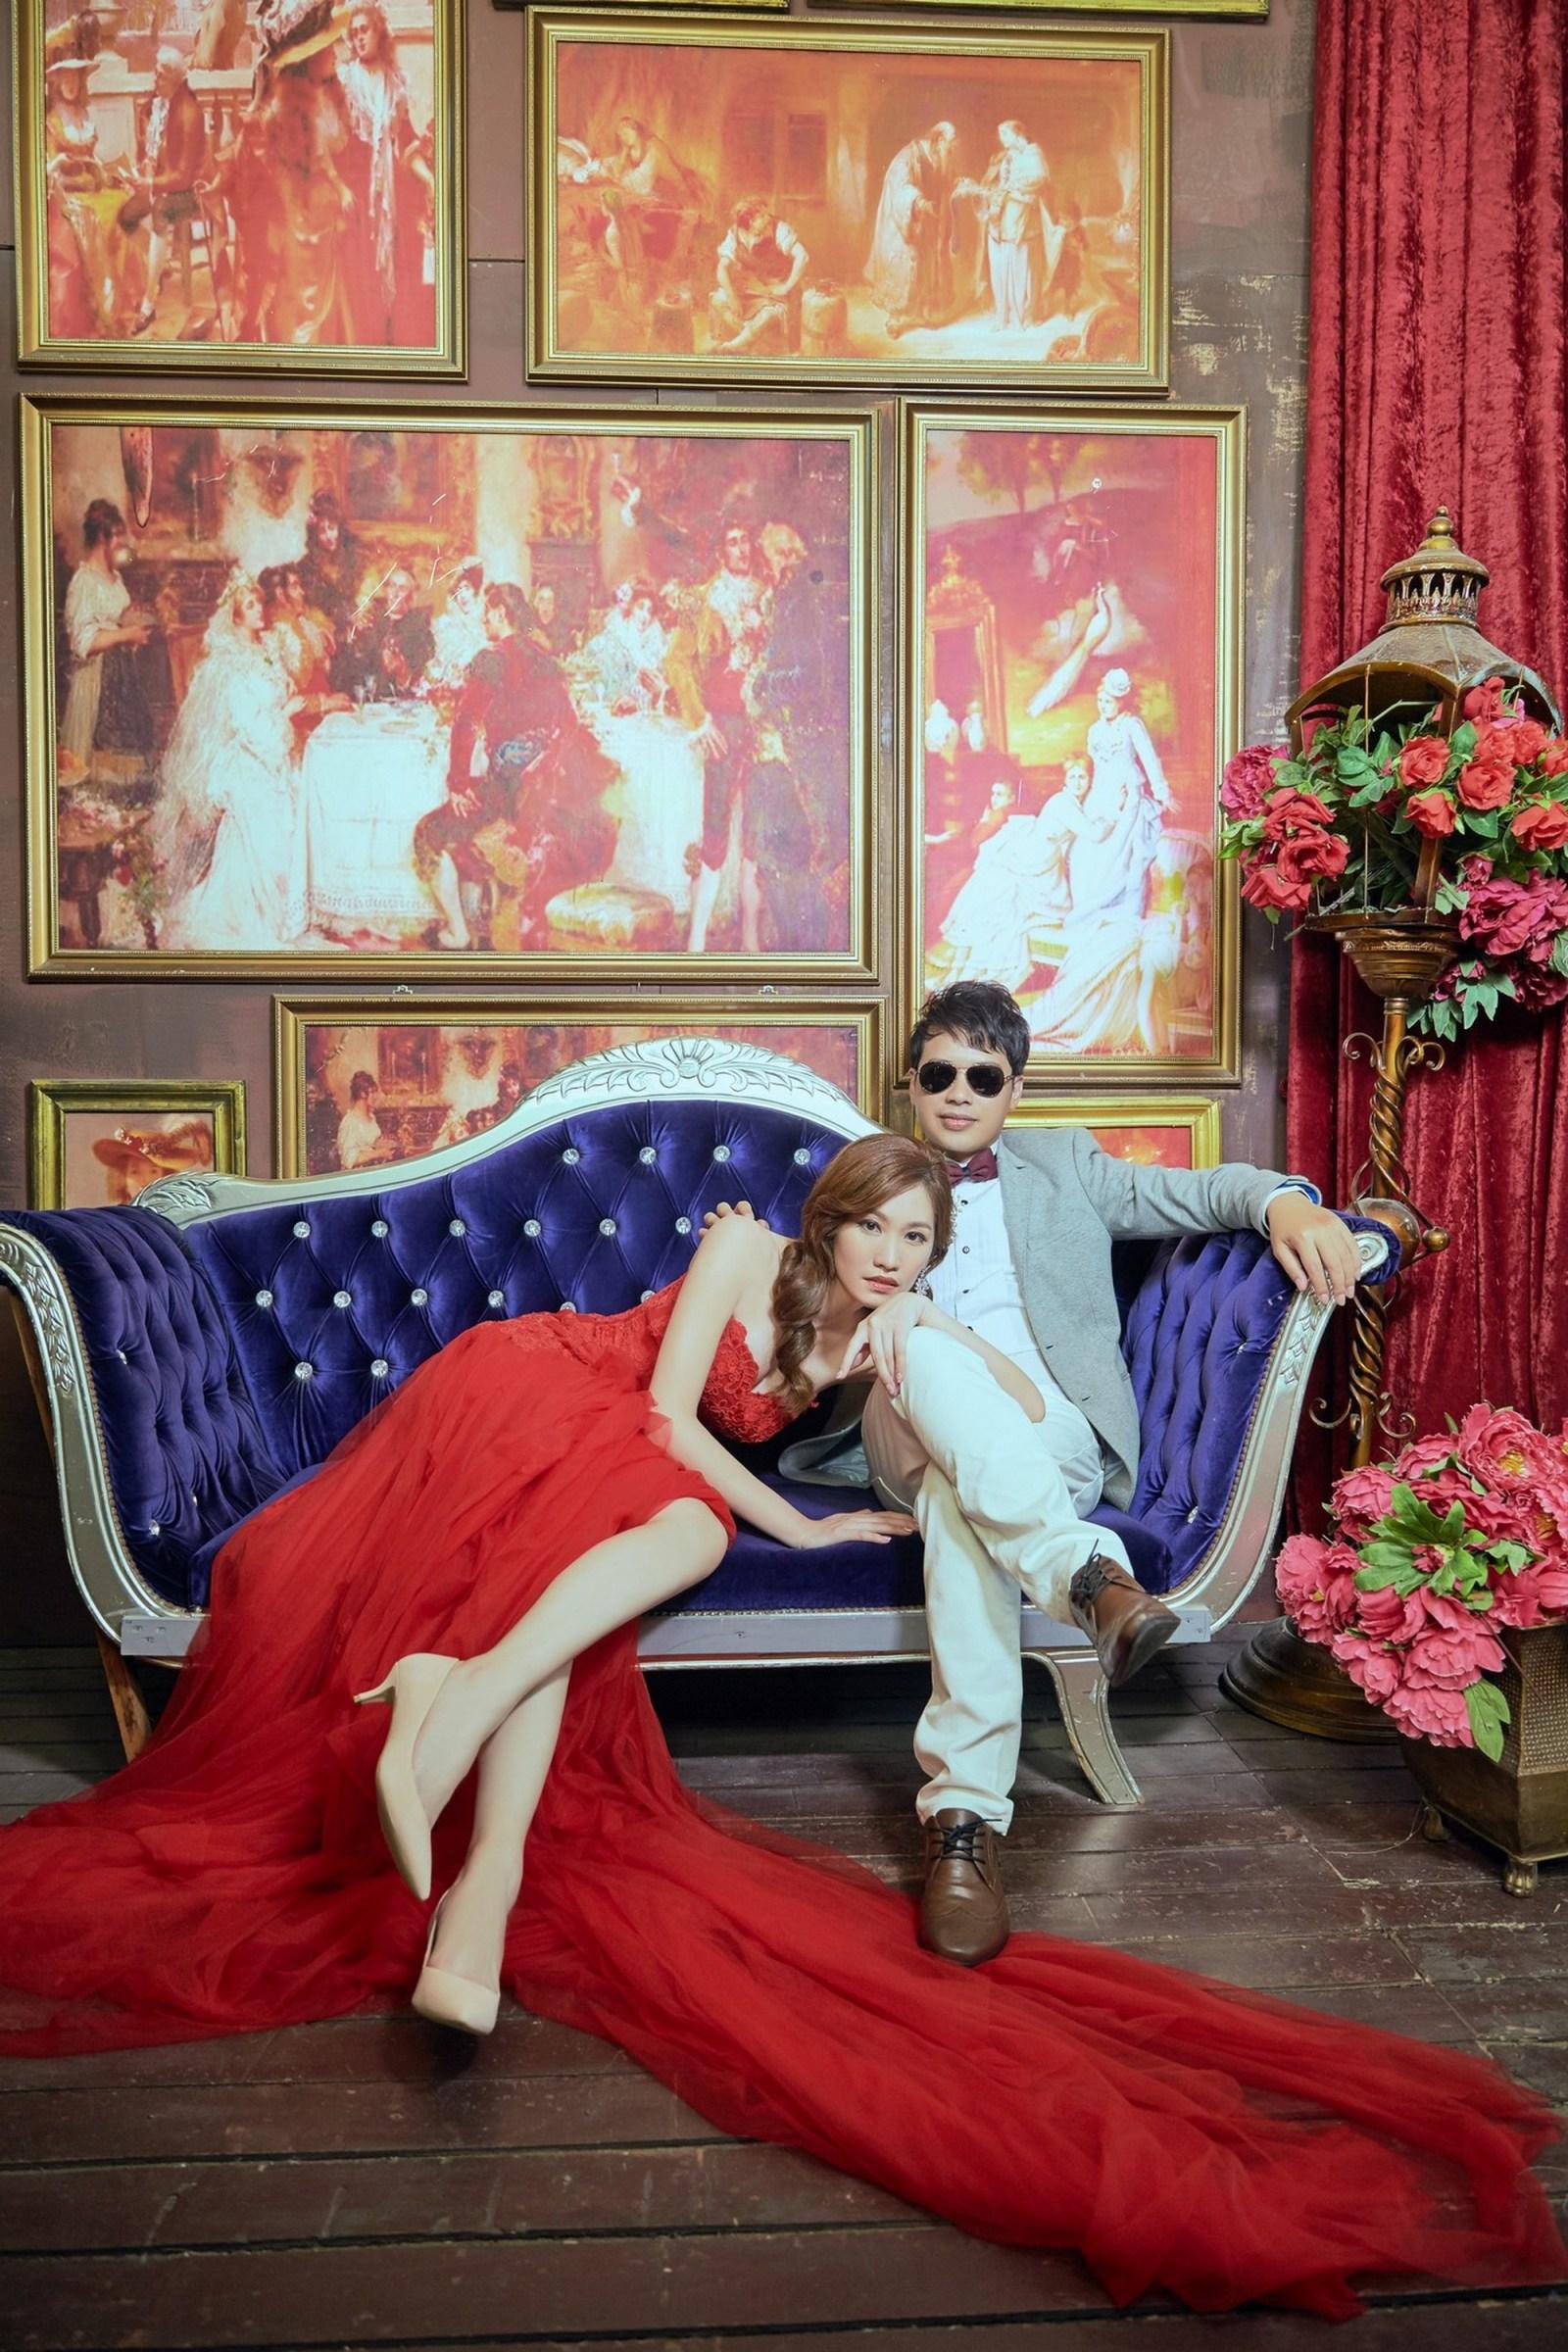 歐式婚紗照,美式婚紗,美式婚紗包套,自助婚紗,婚紗攝影